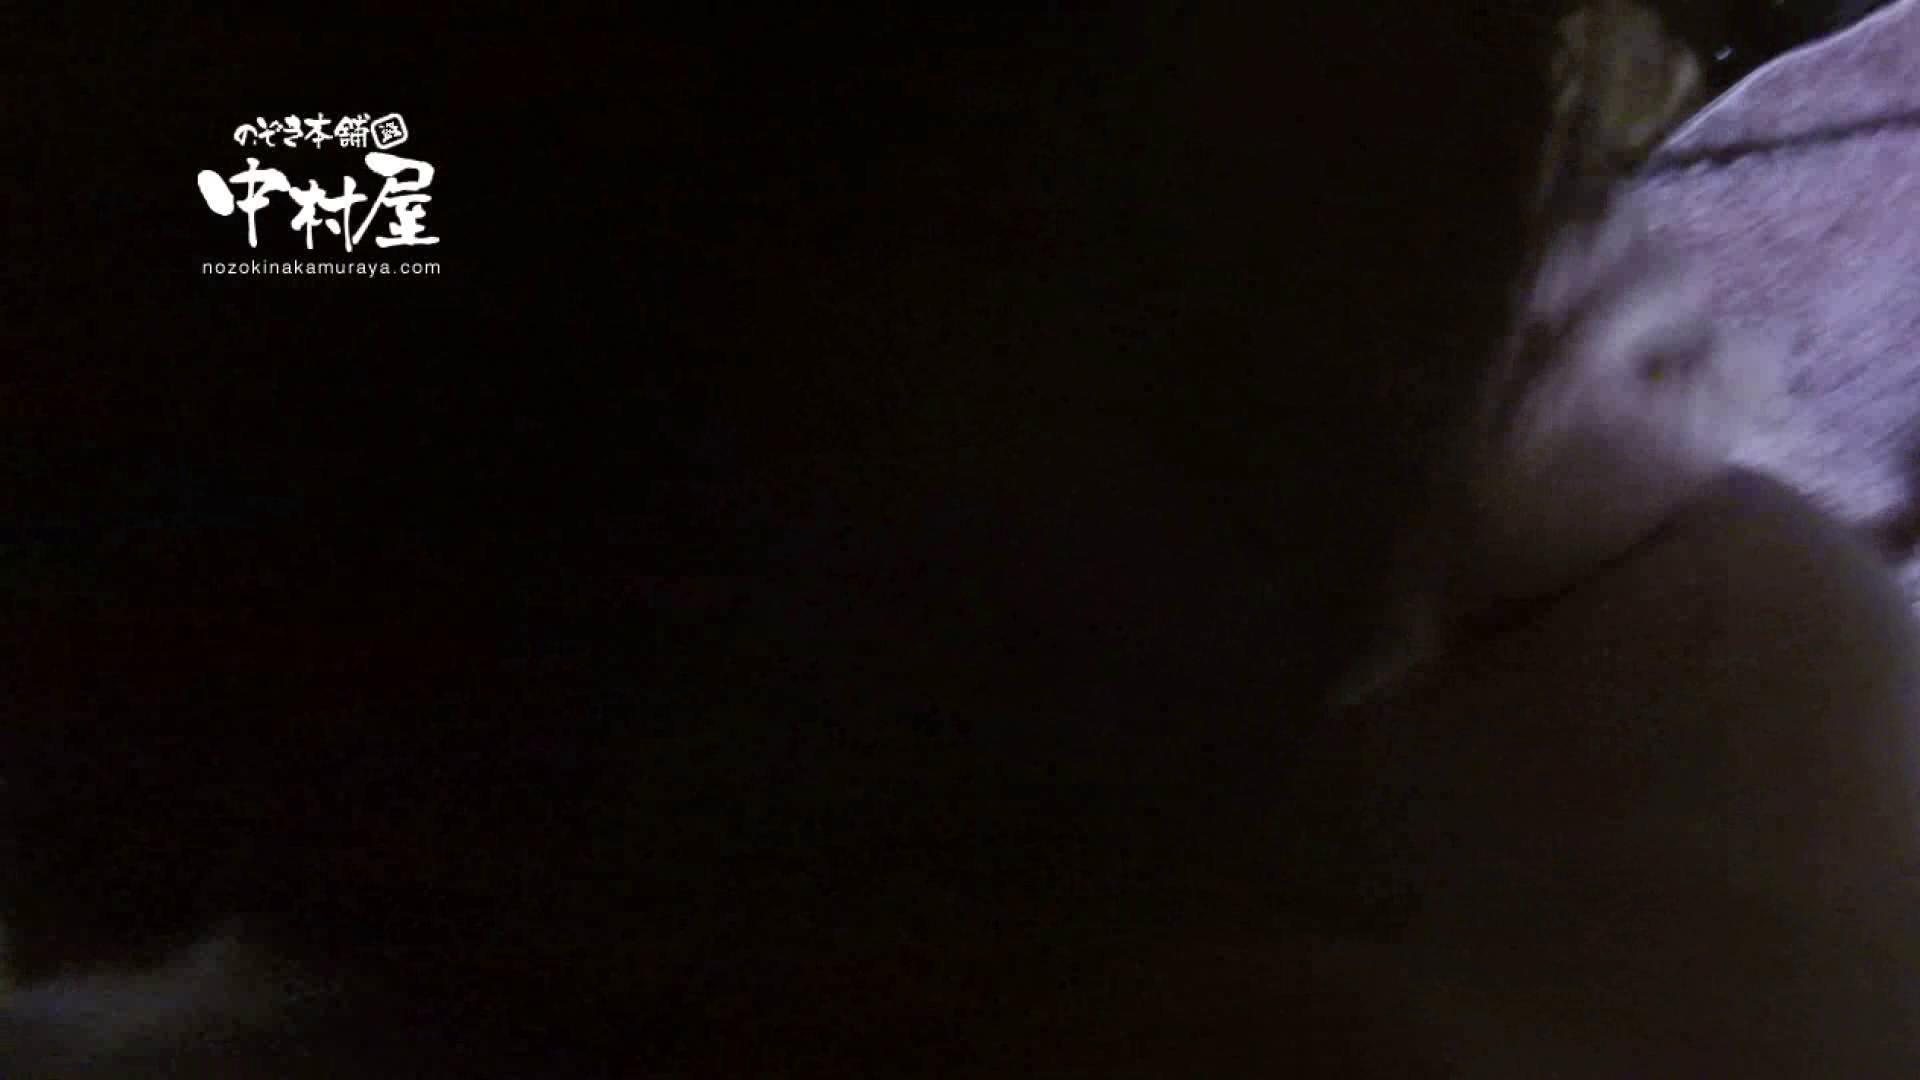 鬼畜 vol.10 あぁ無情…中出しパイパン! 前編 鬼畜   パイパン  61pic 3